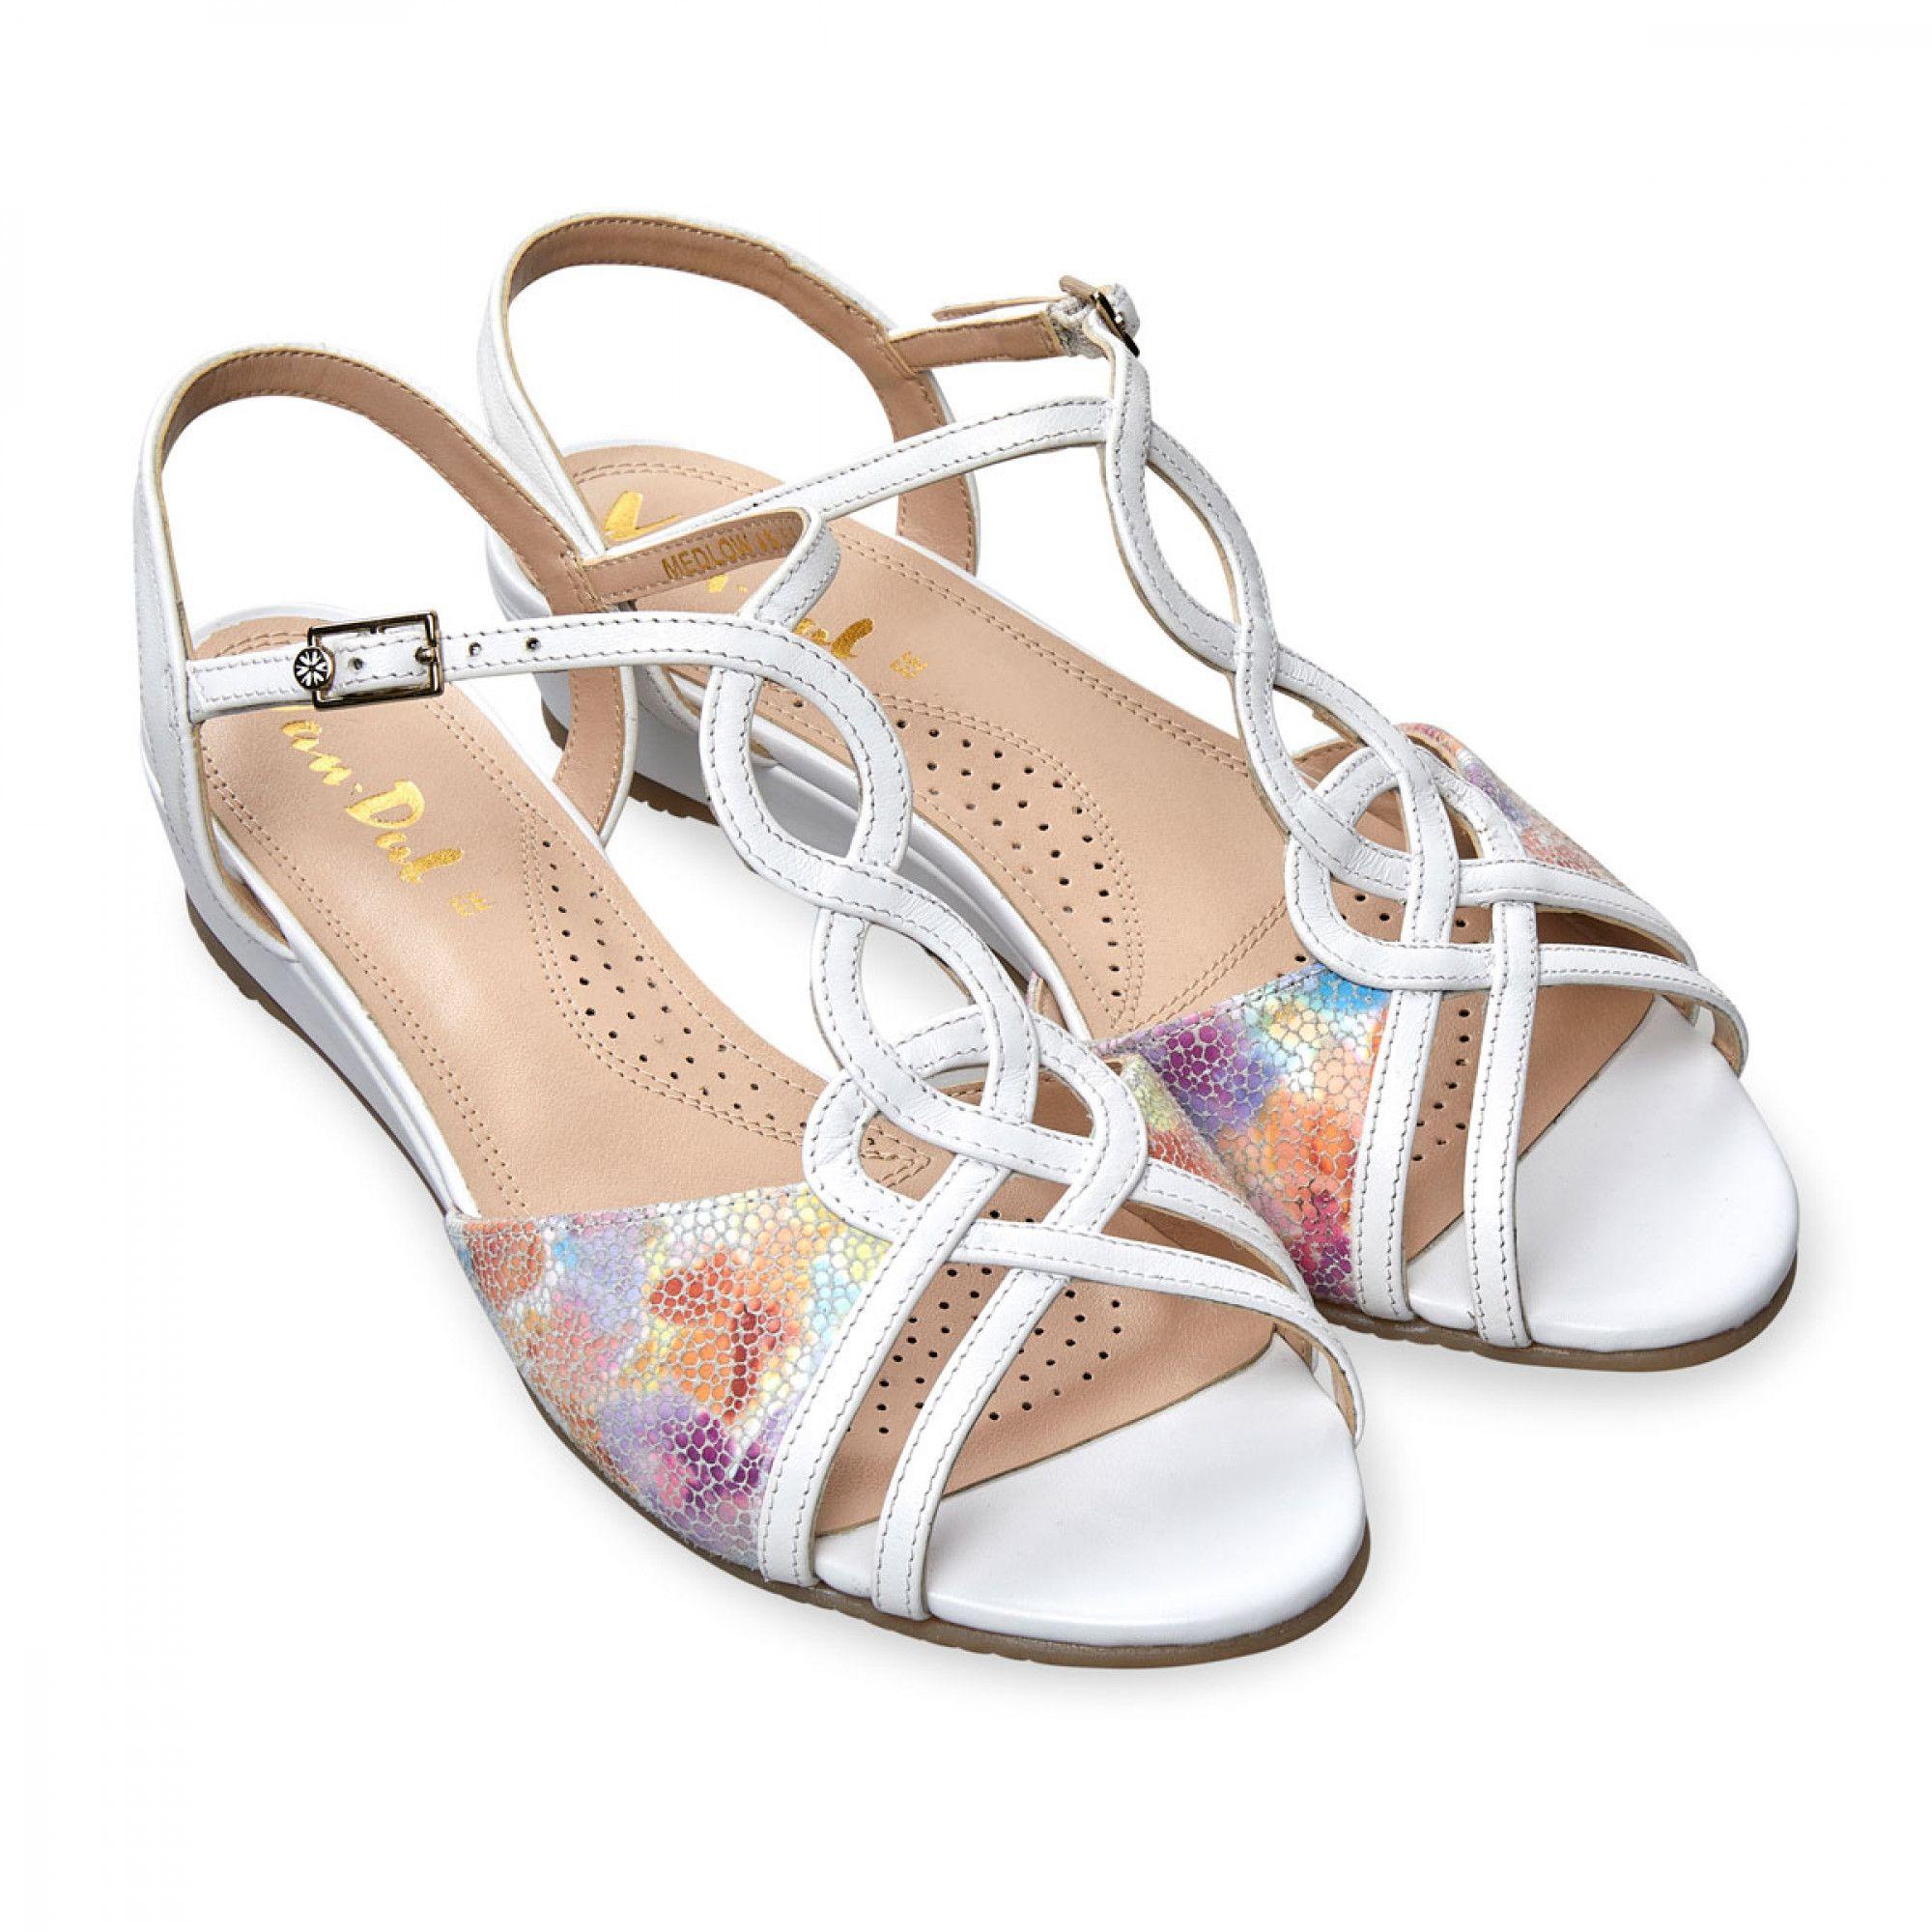 Van Dal Shoes - Medlow Wider Fit Wedge